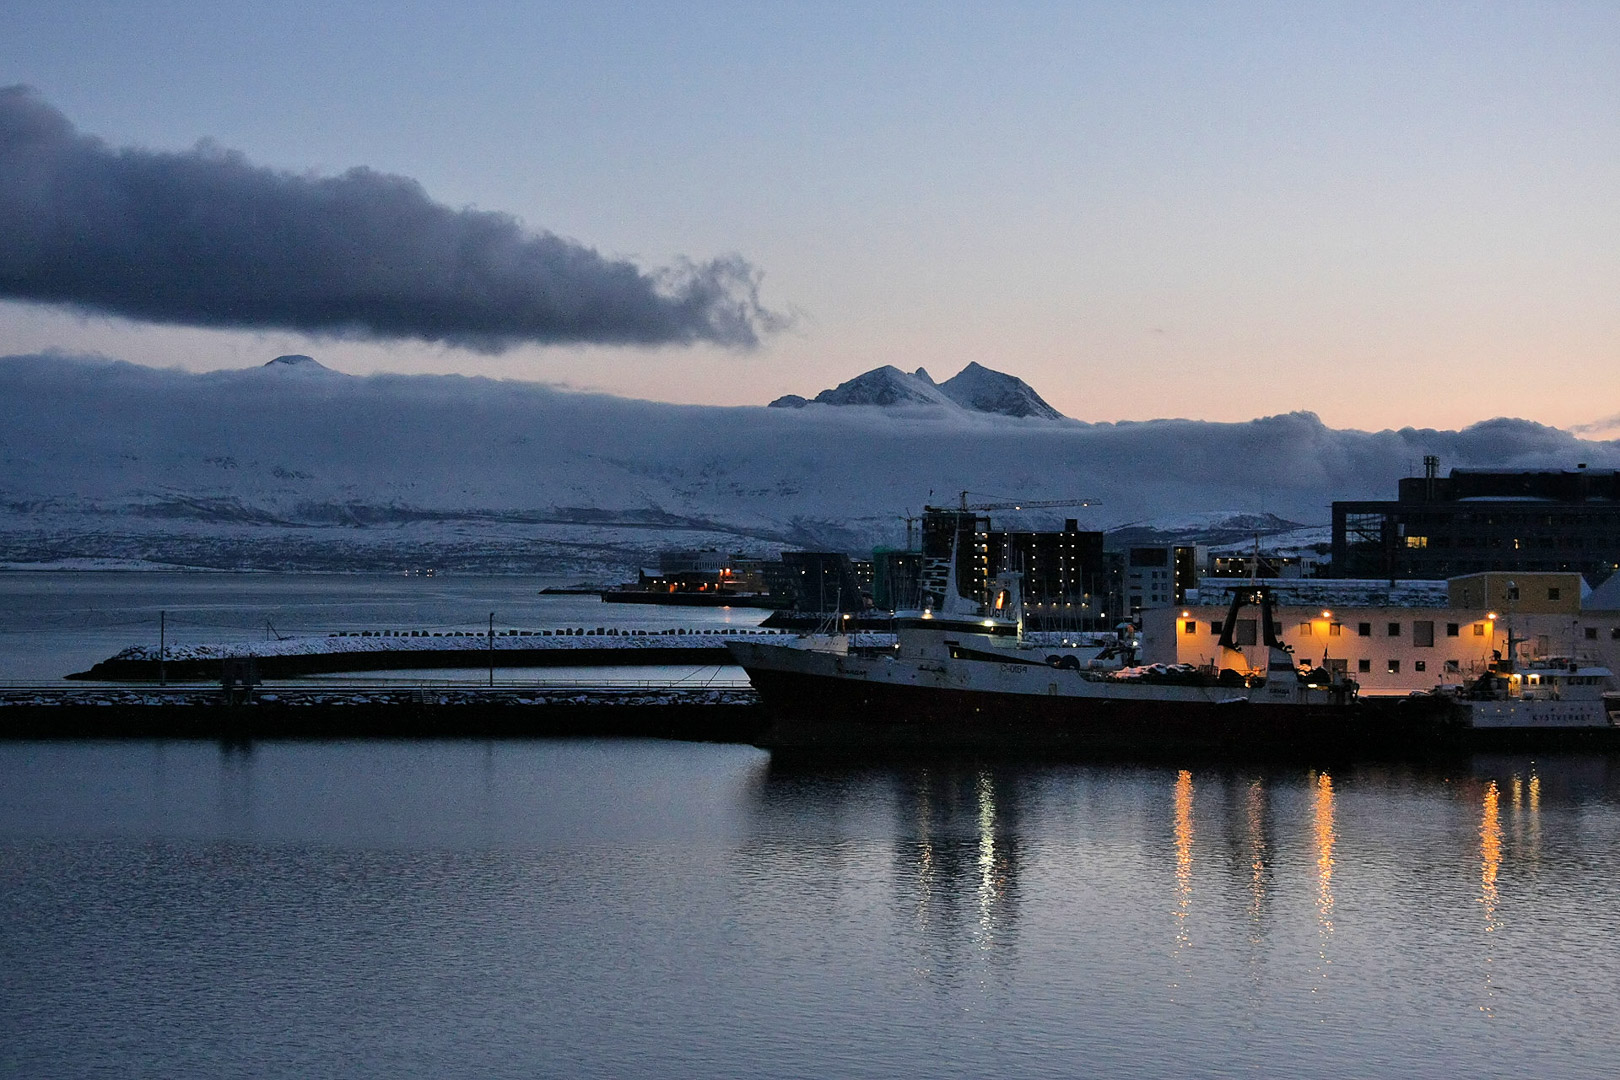 Ausfahrt aus Tromsø im Abendlicht